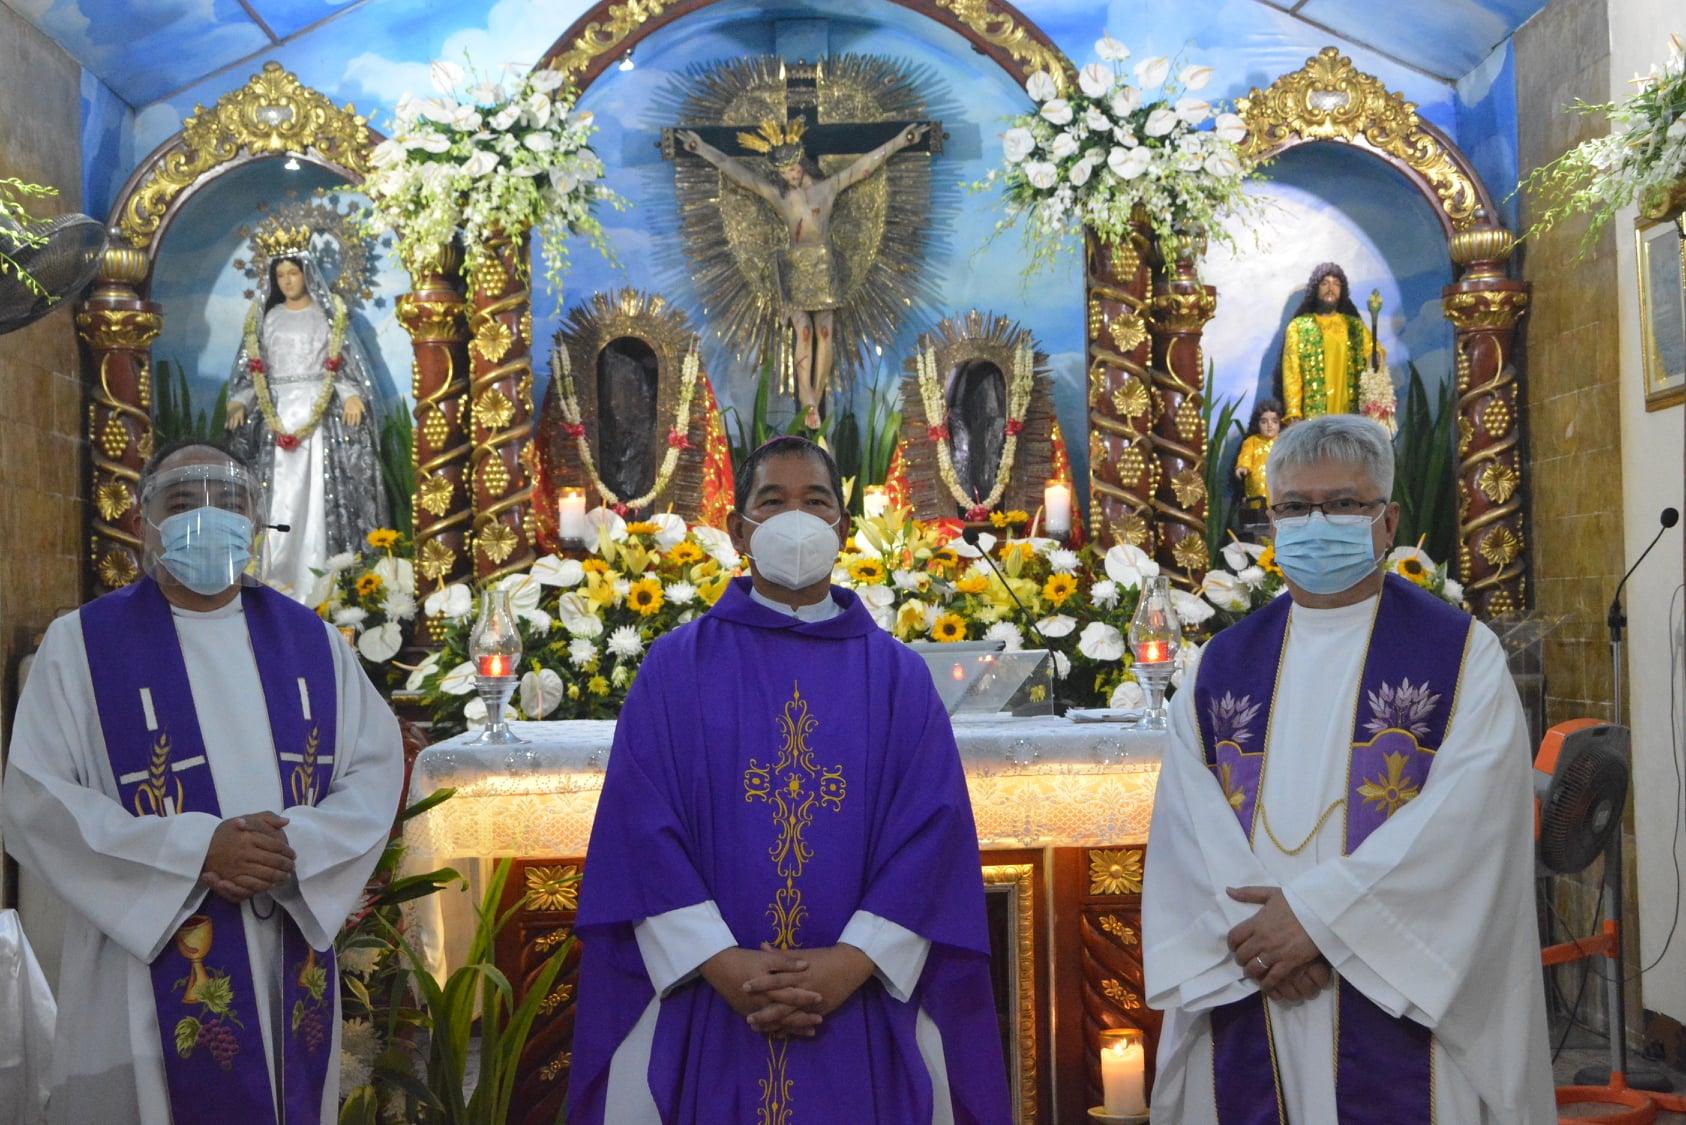 Krus ng Ating Kaligtasan, Ating Pag-asa sa Panahon ng Pandemya (Kambal na Krus Chapel Community Fiesta 2021)